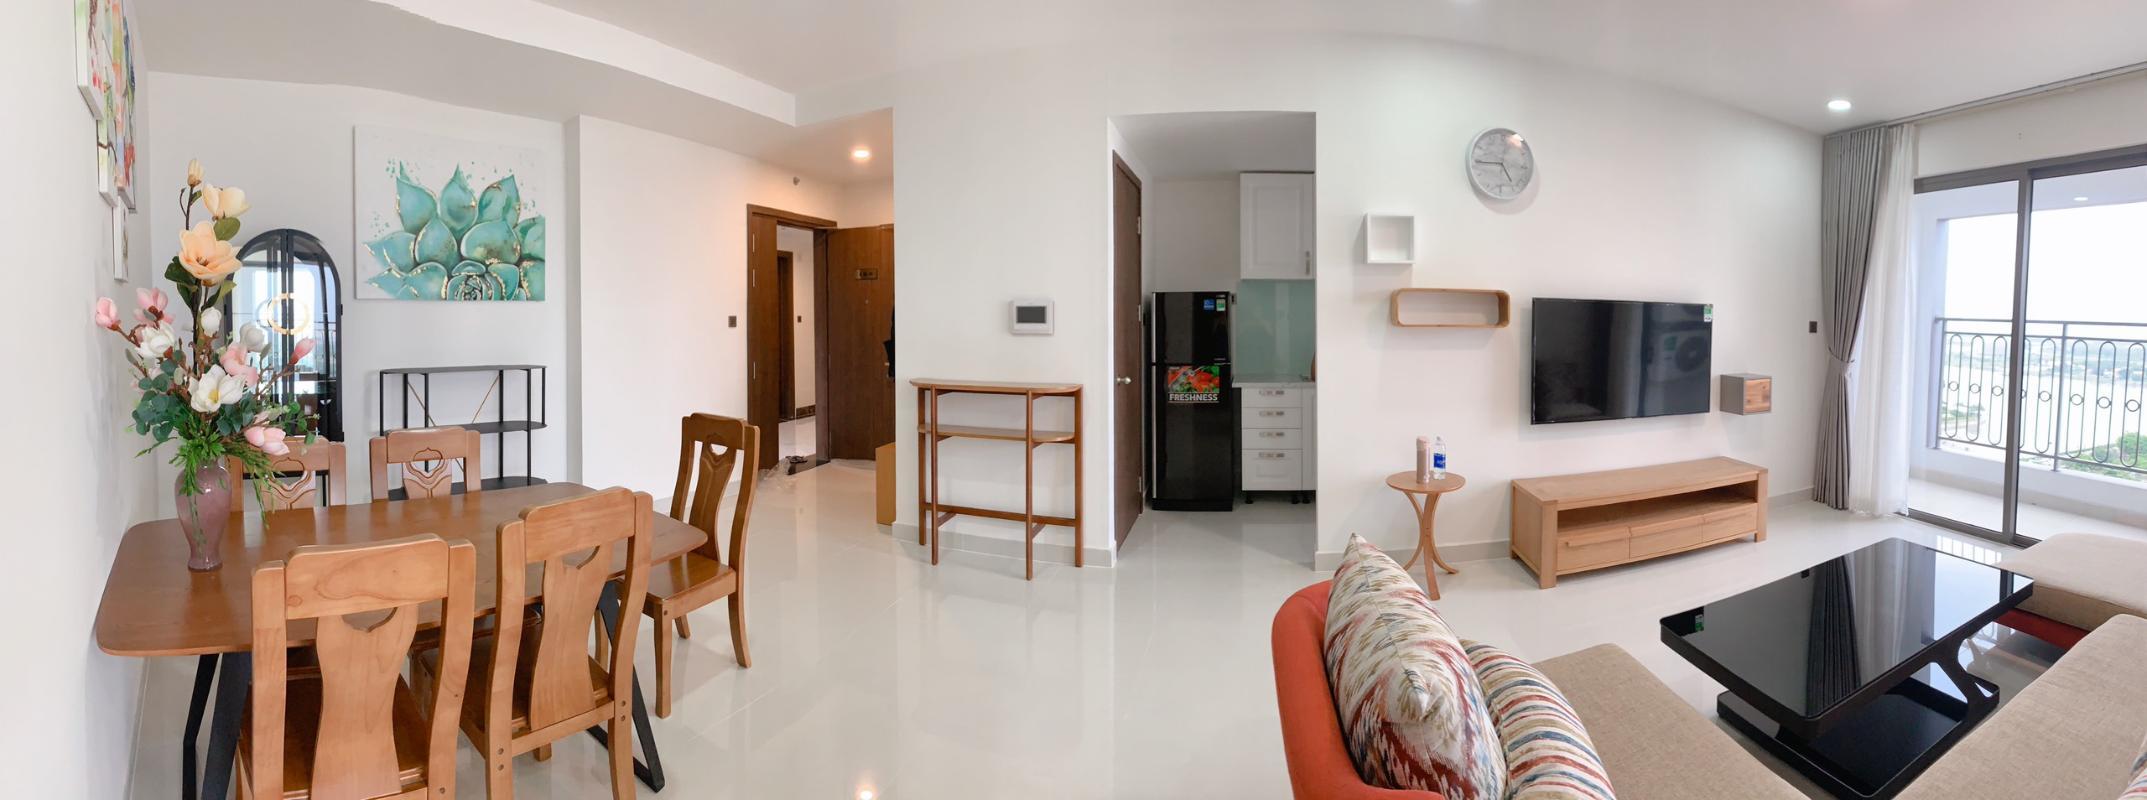 0d083267054fe311ba5e Bán hoặc cho thuê căn hộ Saigon Royal 3PN, tháp A, đầy đủ nội thất, view sông và Bitexco